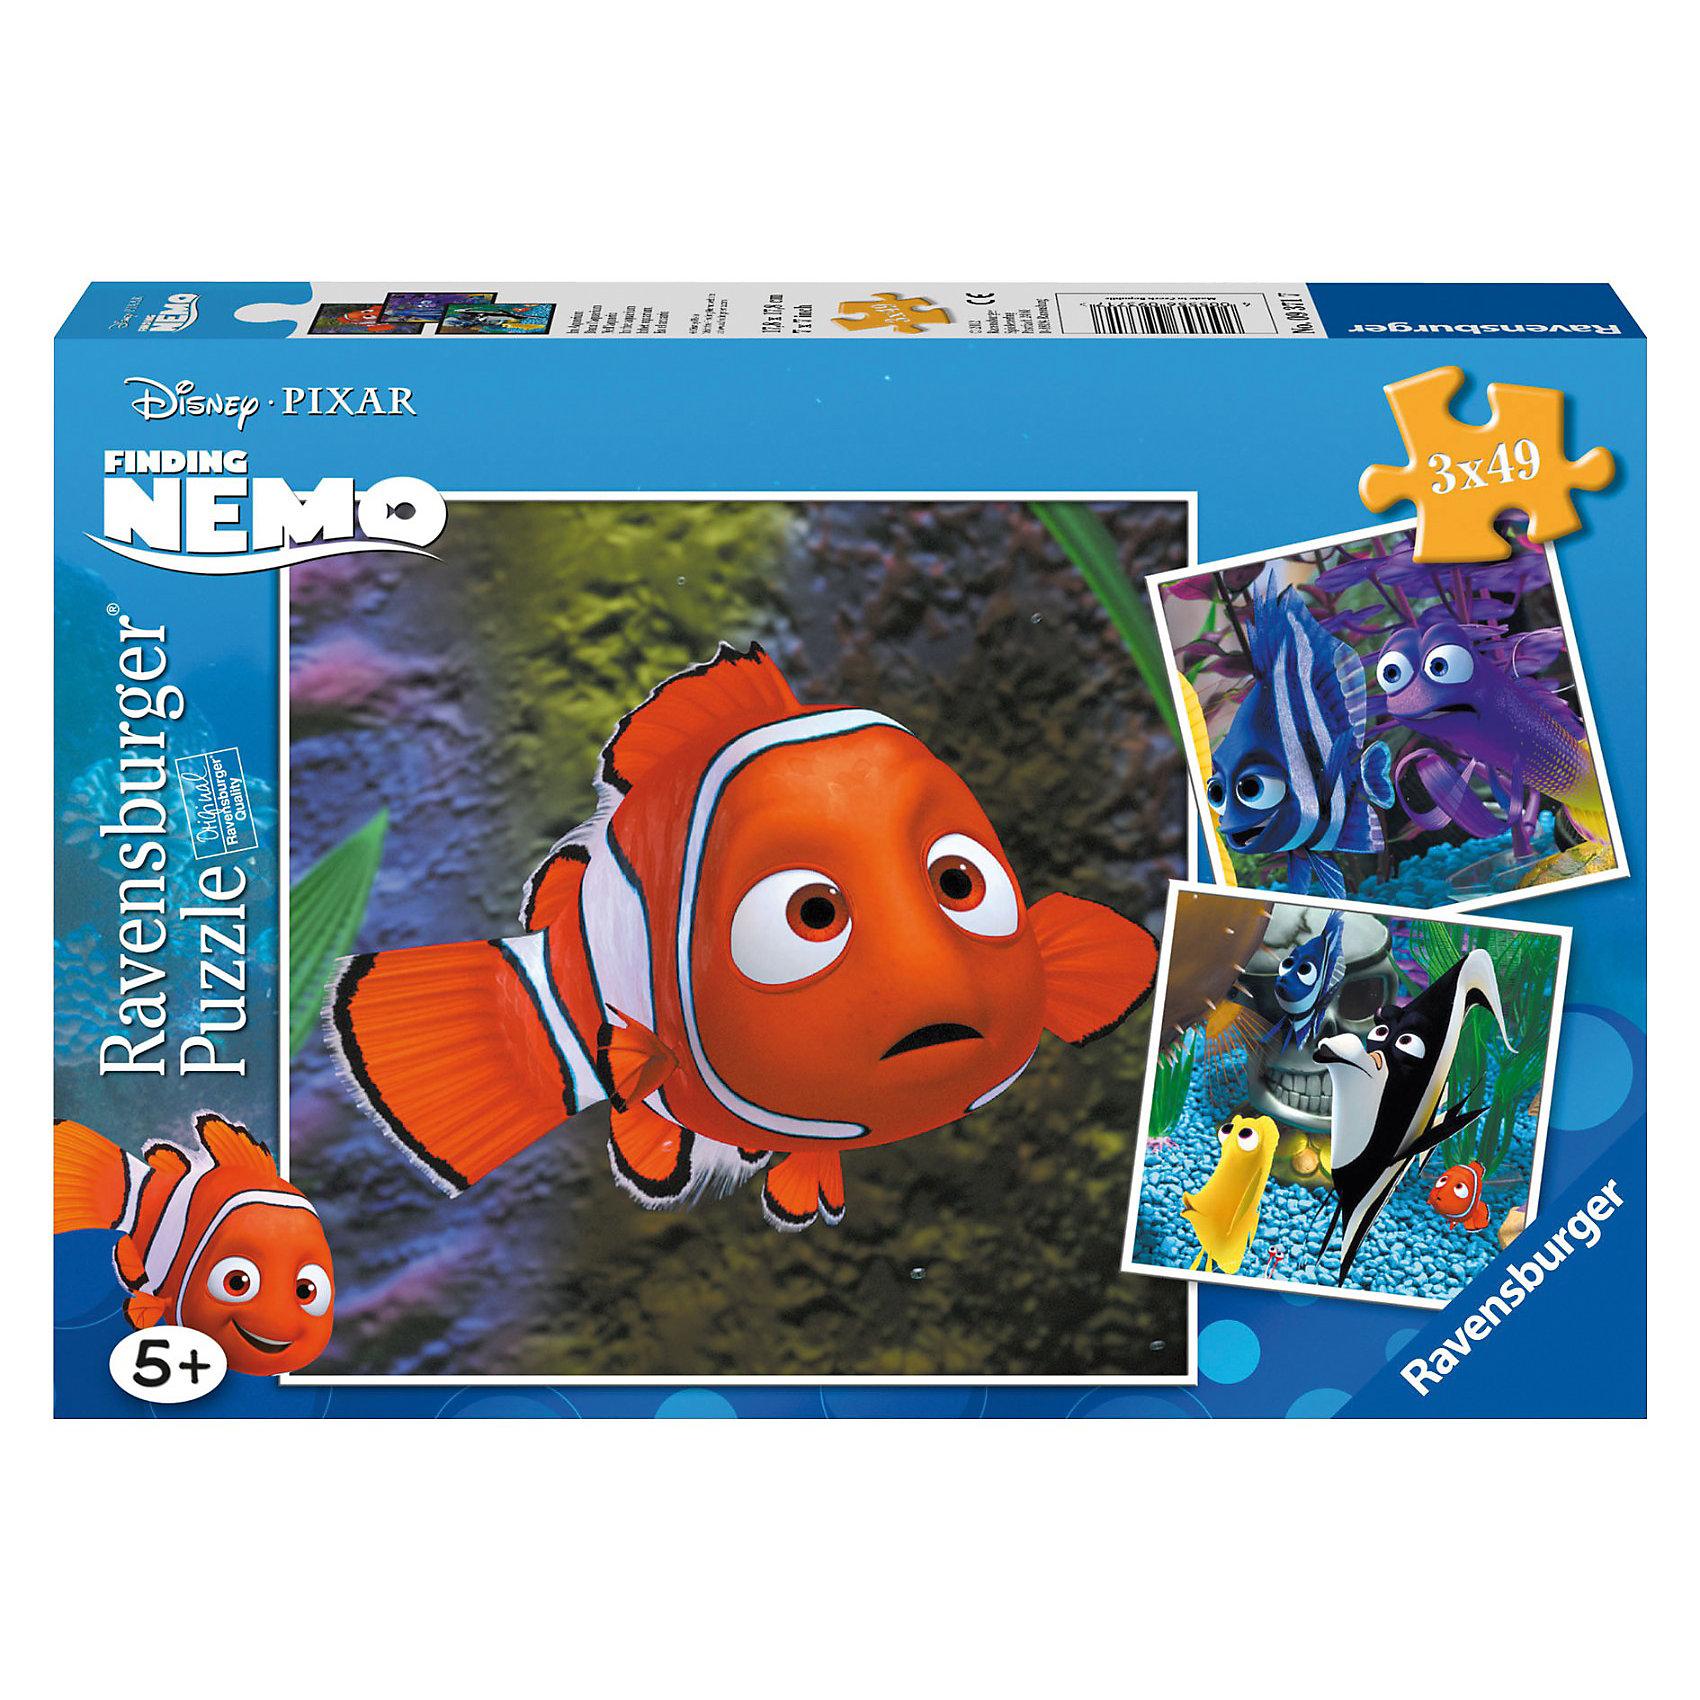 Пазл «Немо в аквариуме», 3х49 деталей, RavensburgerПазлы для малышей<br>Пазл для детей  Немо в аквариуме состоит из дву картинок,на которых изображены герои известного мультфильма В поисках Немо. Пазл способствует развитию памяти, усидчивости, моторики рук,воображения и логического мышления. Все детали изготовлены из качественного экологического материала, благодаря чему они не будет гнуться и расклеиваться при использовании. Собранная картинка с изображением любимых героев еще долго будет радовать глаз, ведь она не тускнеет и не теряет свой цвет со временем.<br><br>В товар входит:<br>-49 деталей<br><br>Дополнительная информация:<br>-Размер картинки – 18*18 см <br>-Размер упаковки – 28*19*4 см<br>-Возраст: от 5 лет<br>-Для девочек и мальчиков<br>-Состав: картон, бумага<br>-Бренд: Ravensburger (Равенсбургер)<br>-Страна обладатель бренда: Германия<br><br>Ширина мм: 282<br>Глубина мм: 192<br>Высота мм: 39<br>Вес г: 343<br>Возраст от месяцев: 60<br>Возраст до месяцев: 84<br>Пол: Унисекс<br>Возраст: Детский<br>Количество деталей: 49<br>SKU: 1674363